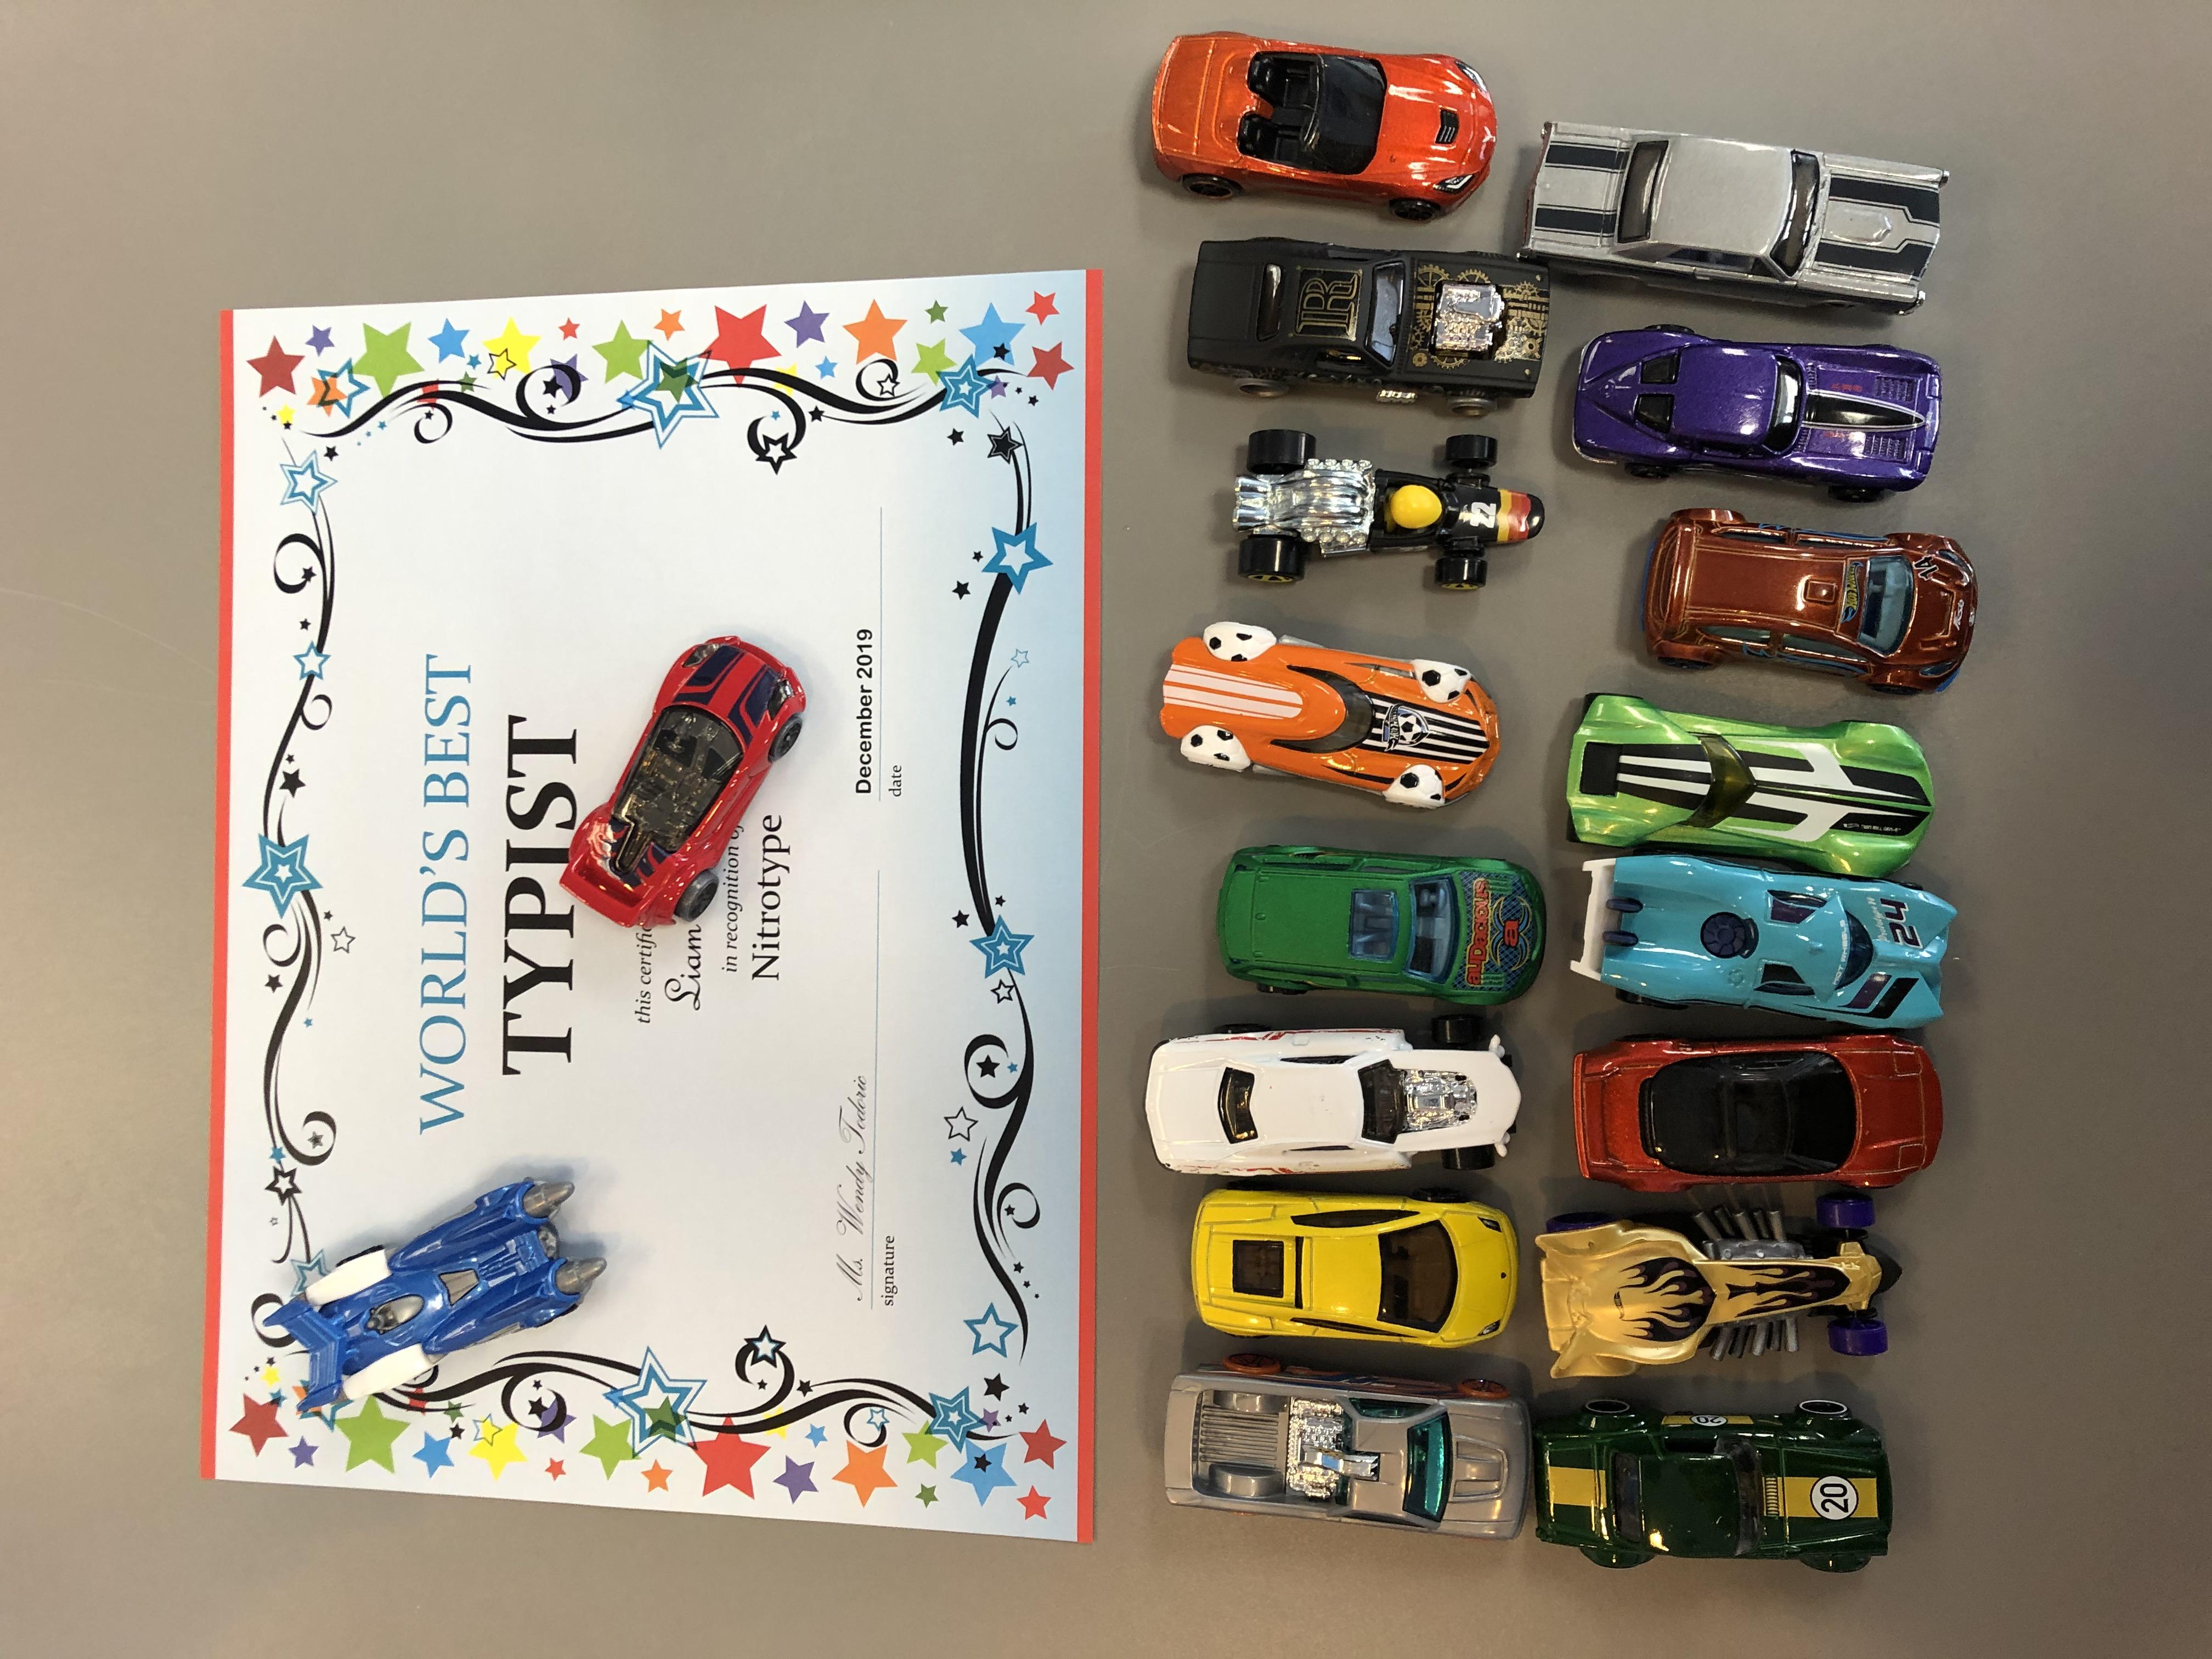 Level 25 Achievers - Certificate & Car!